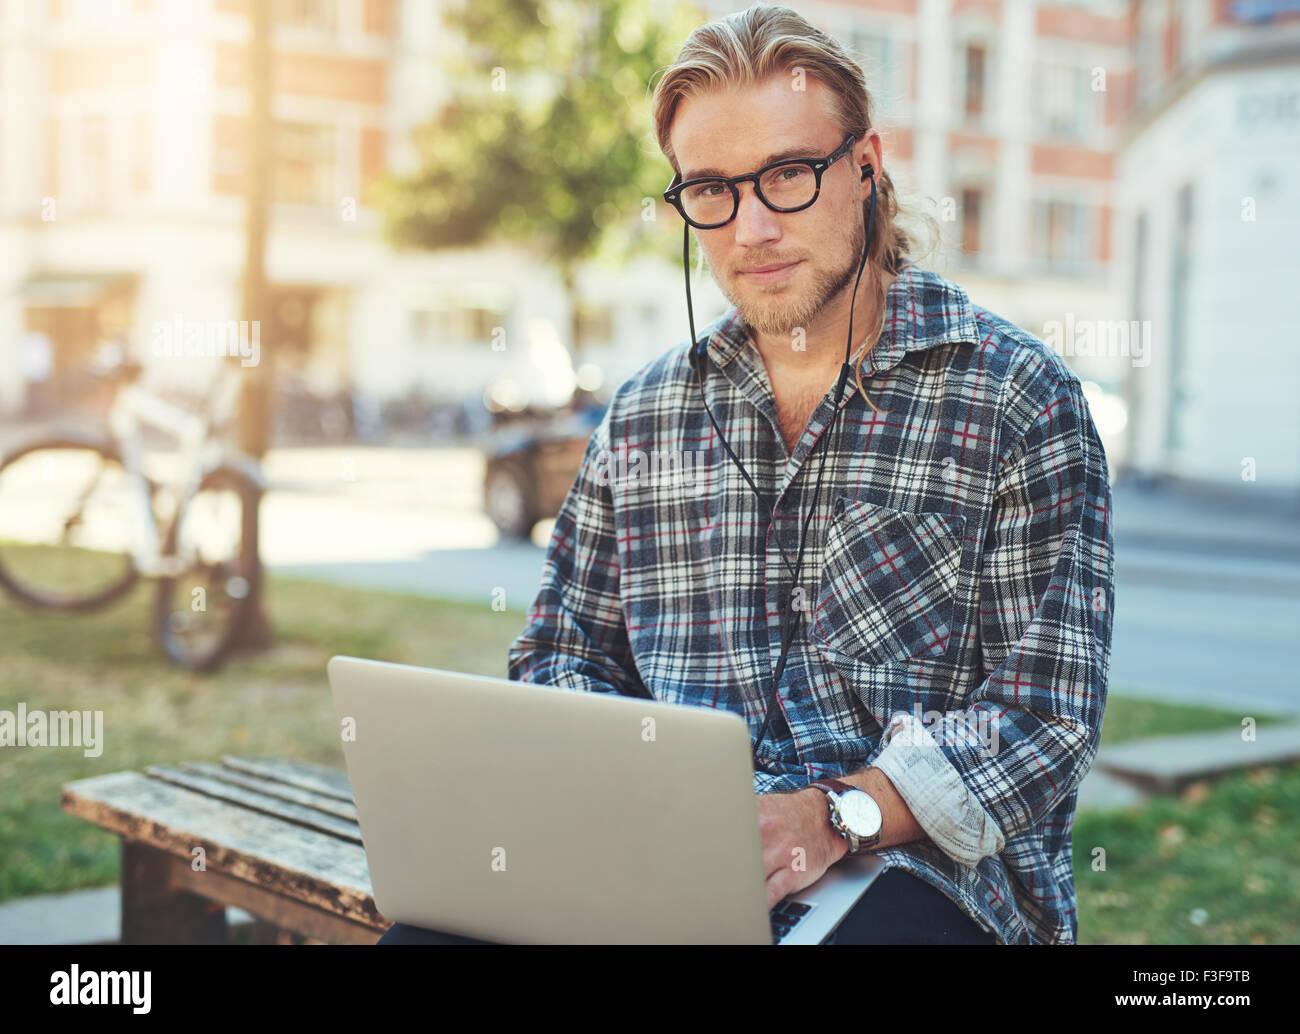 Empresario con laptop sentado fuera de trabajo la vida de ciudad. Imagen De Stock